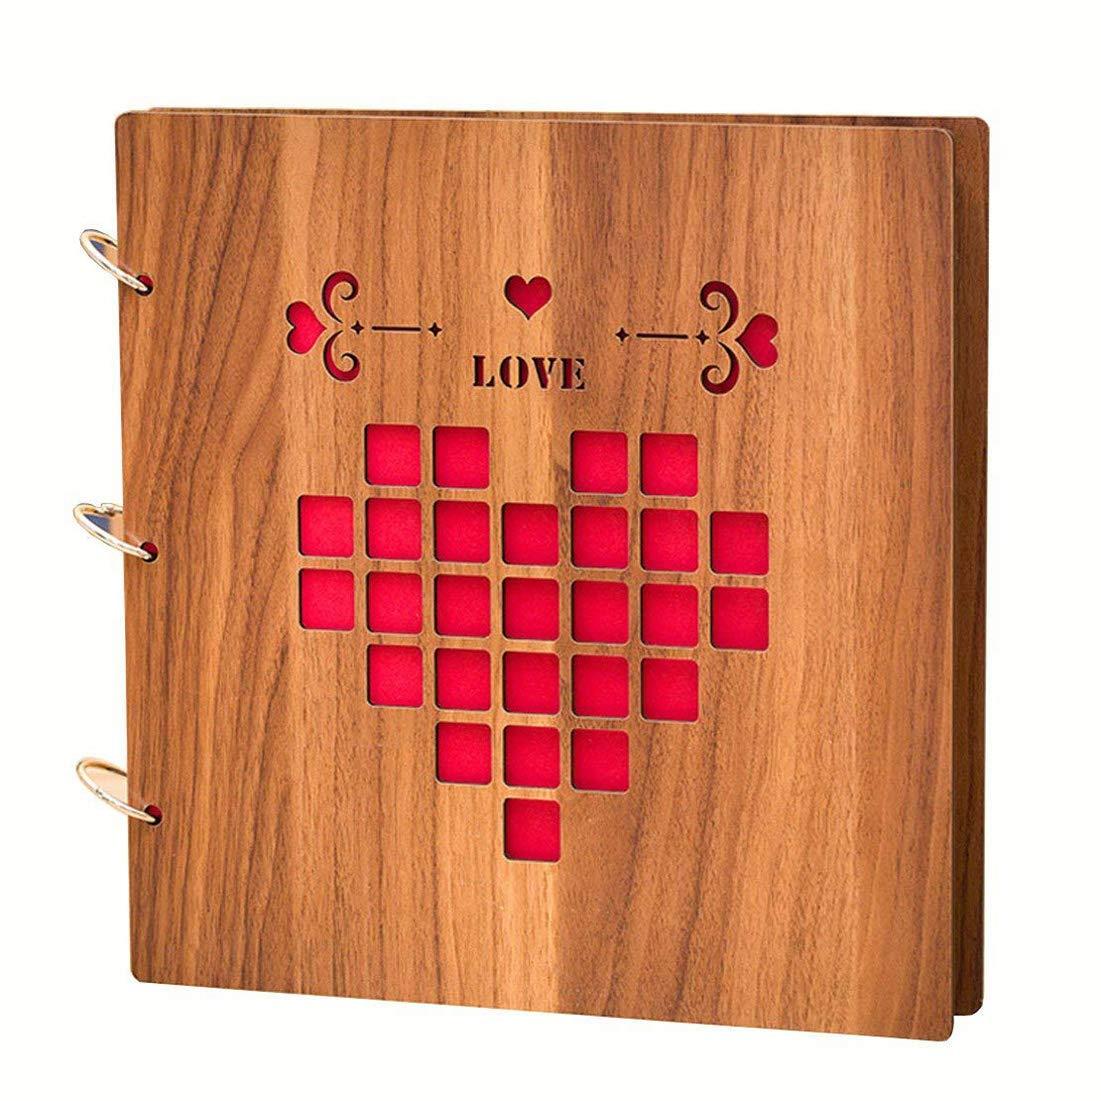 Álbum de fotos de madera DIY Scrapbook, 10 pulgadas (Love) por Yeelan XLONGUI